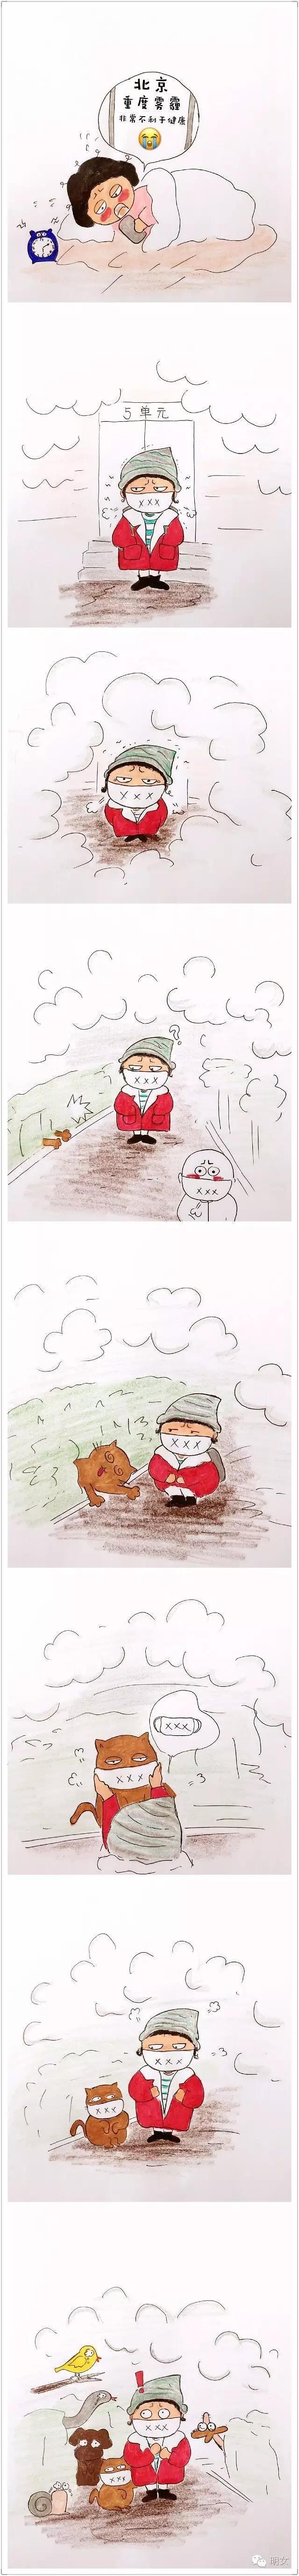 【明女小漫画】北京雾霾时